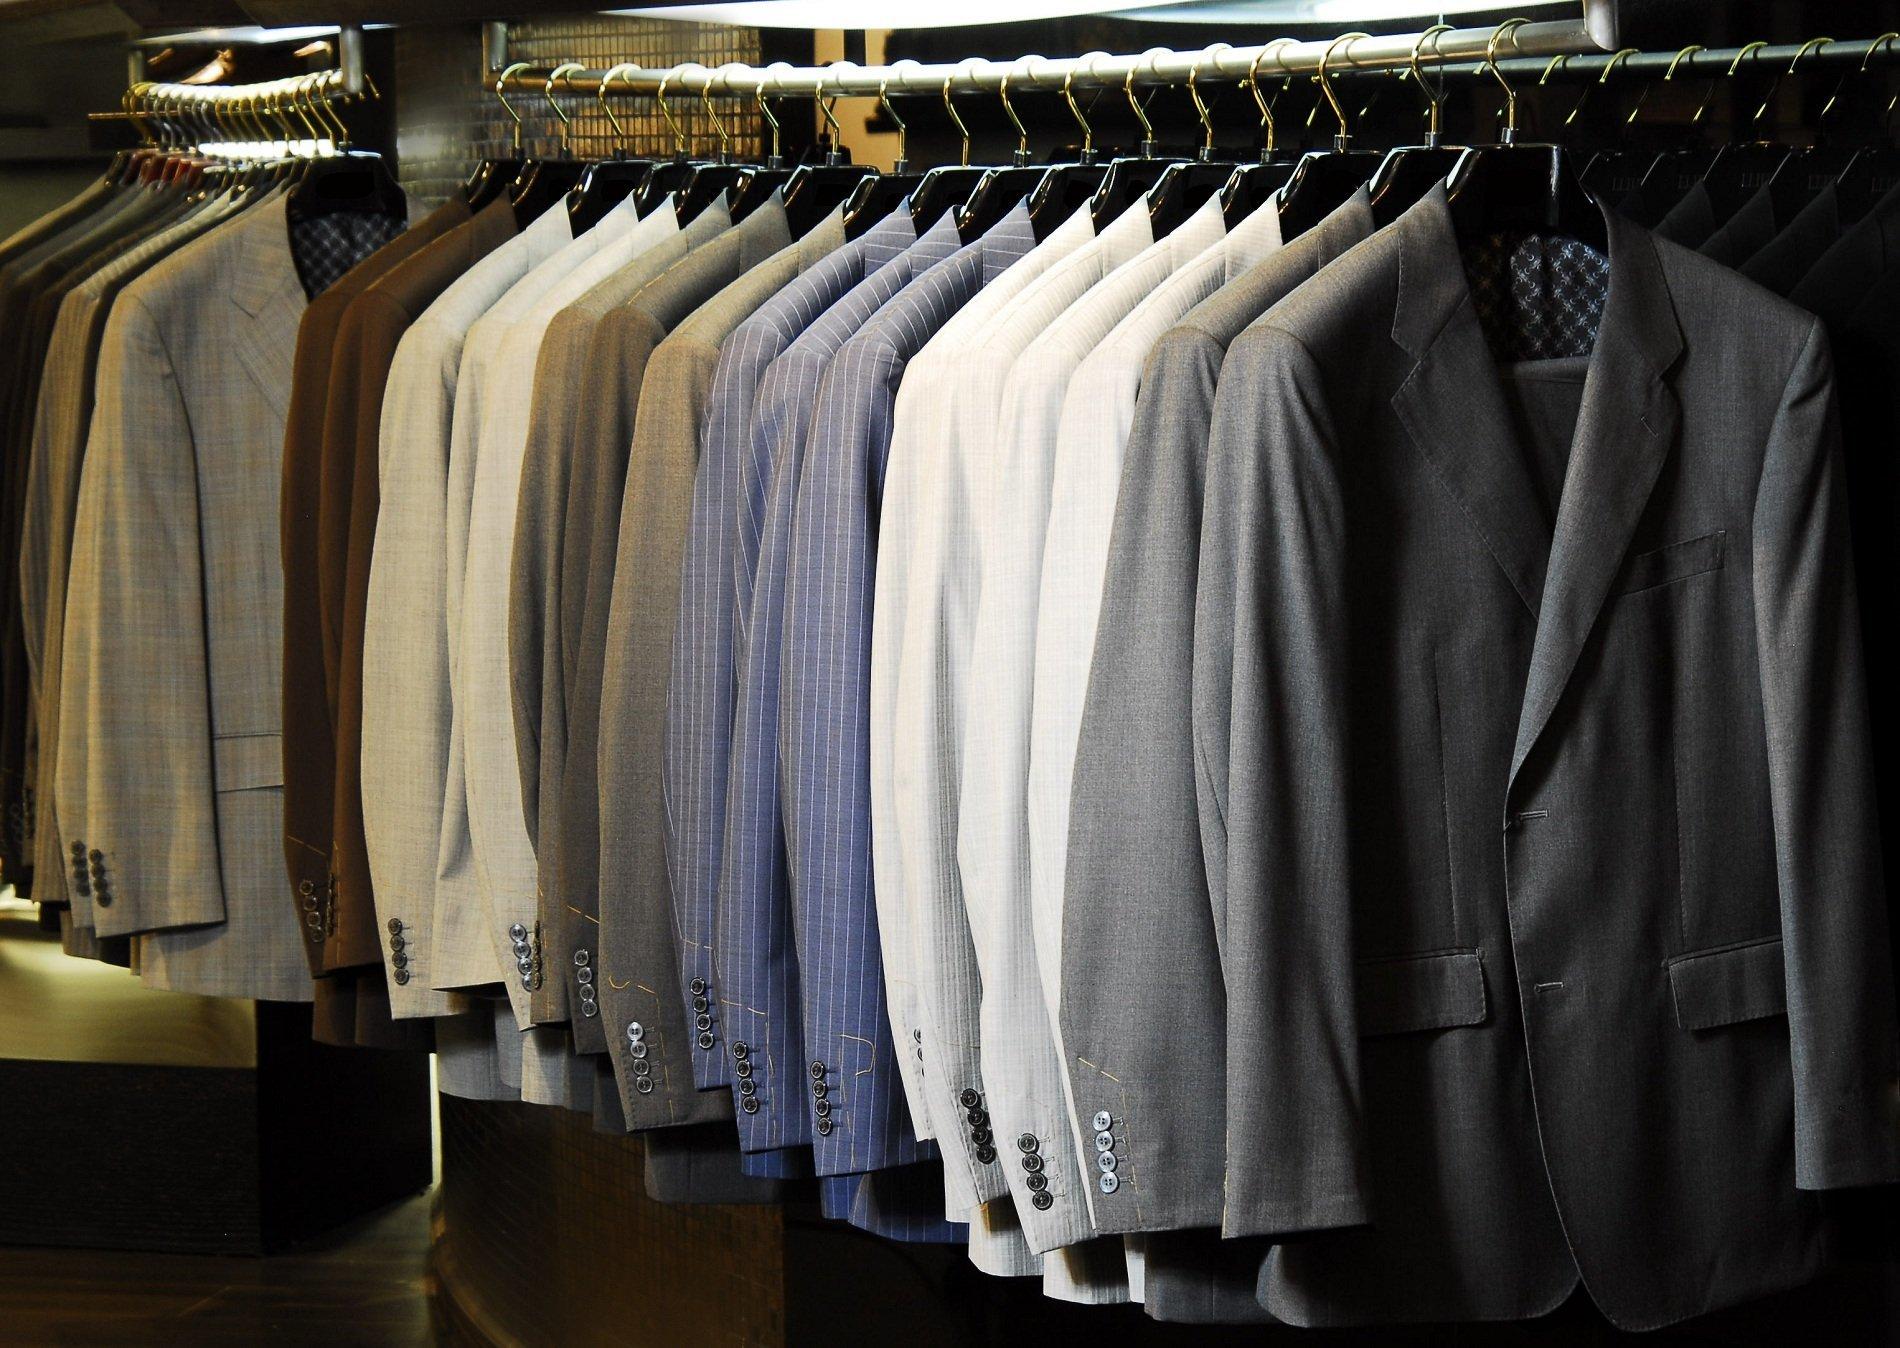 degli abiti da uomo di color grigio, azzurro , bianco e altro